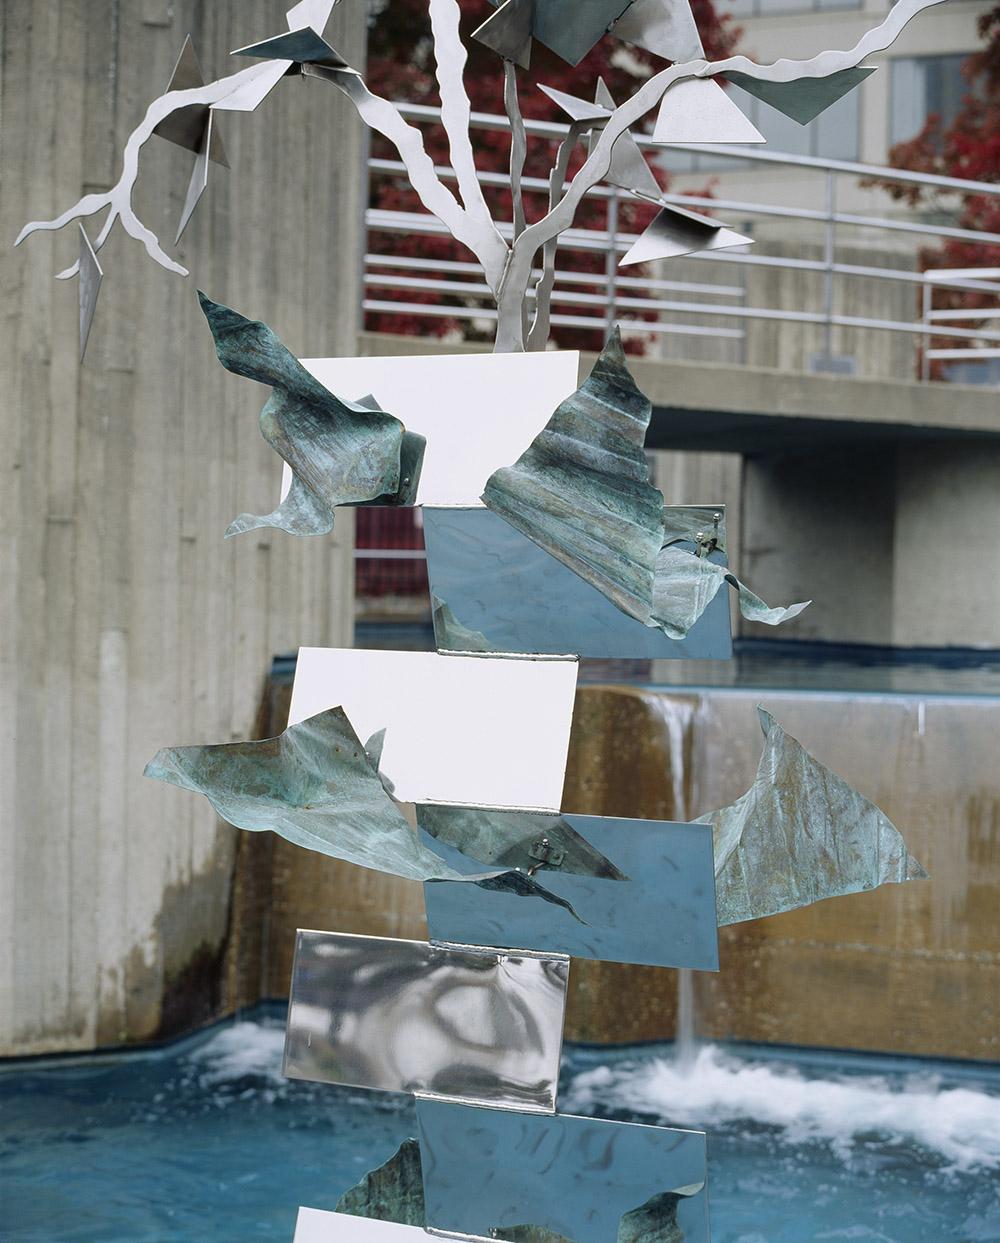 1.c-Ono-Joy-2006.-Steel-245.1-x-83.8-x-53.3-cm-x.jpg